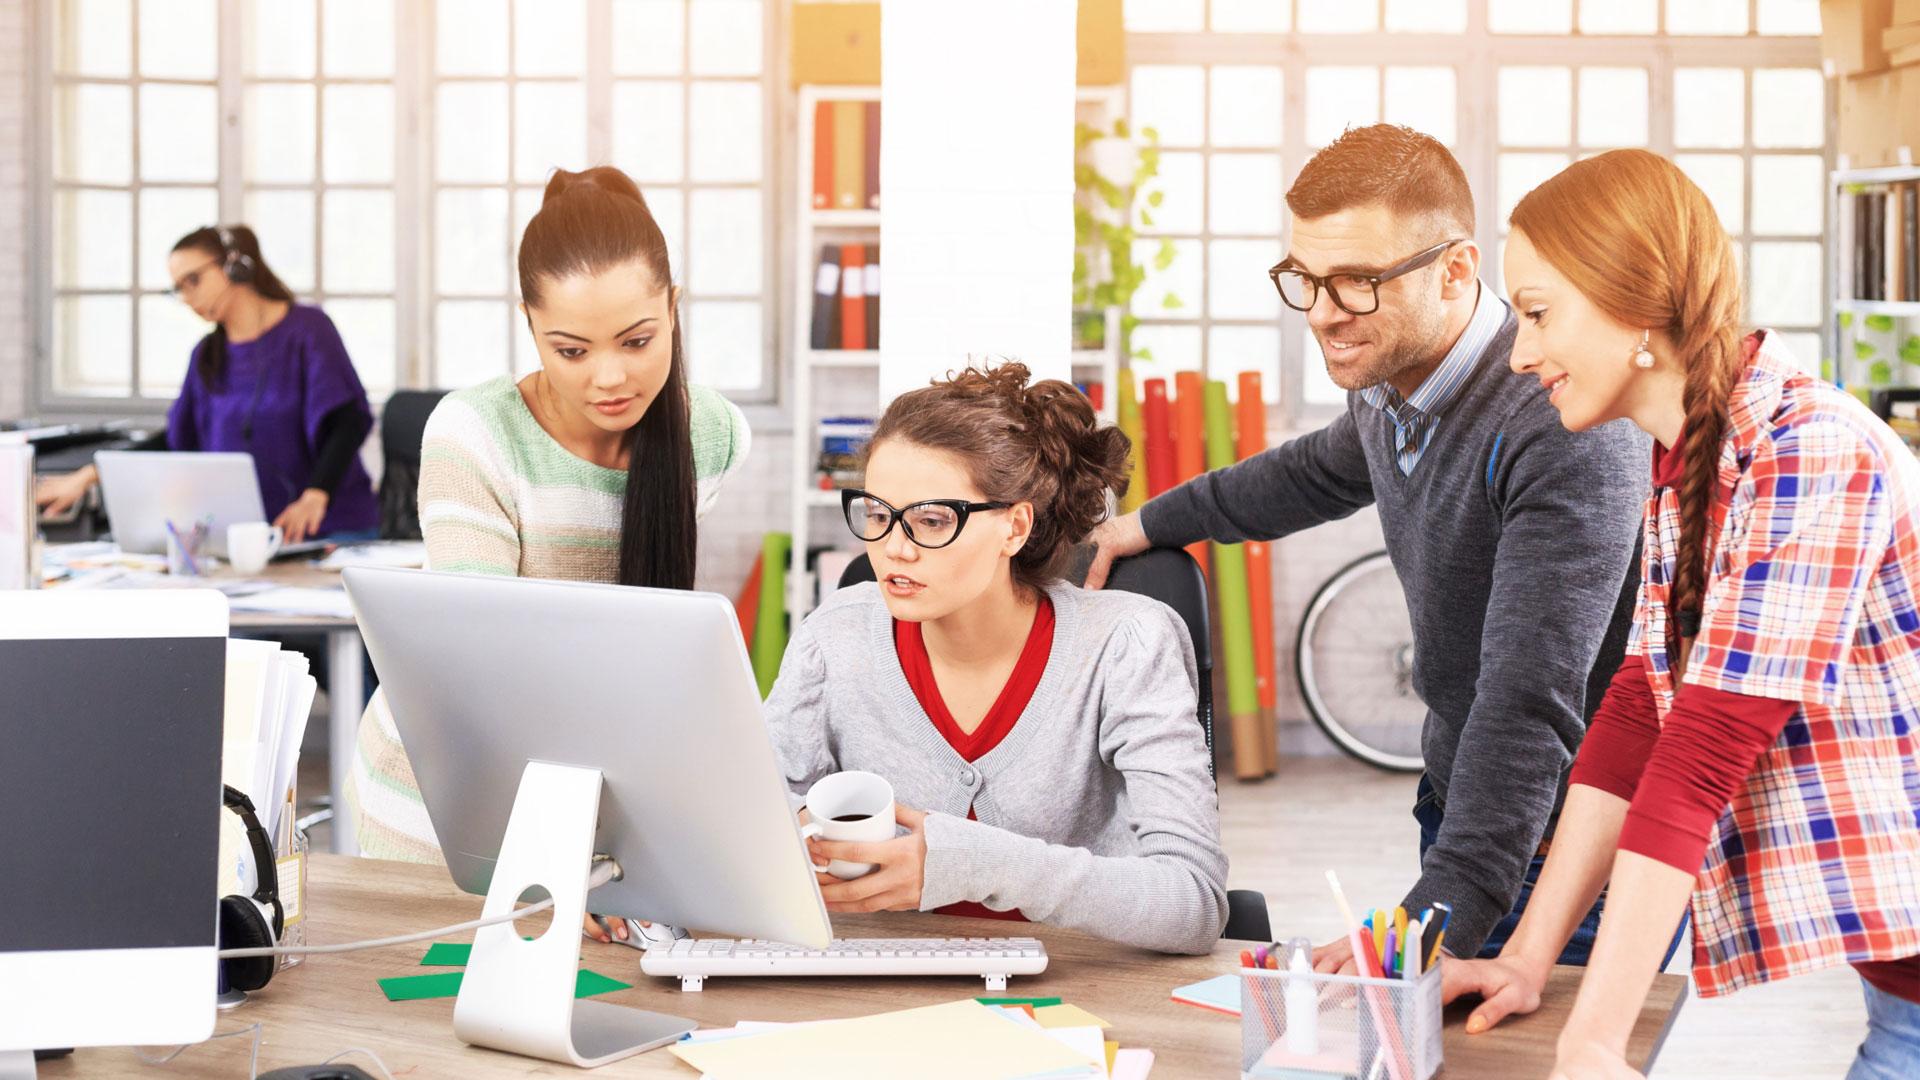 El diseño del espacio de trabajo influye en el desempeño laboral